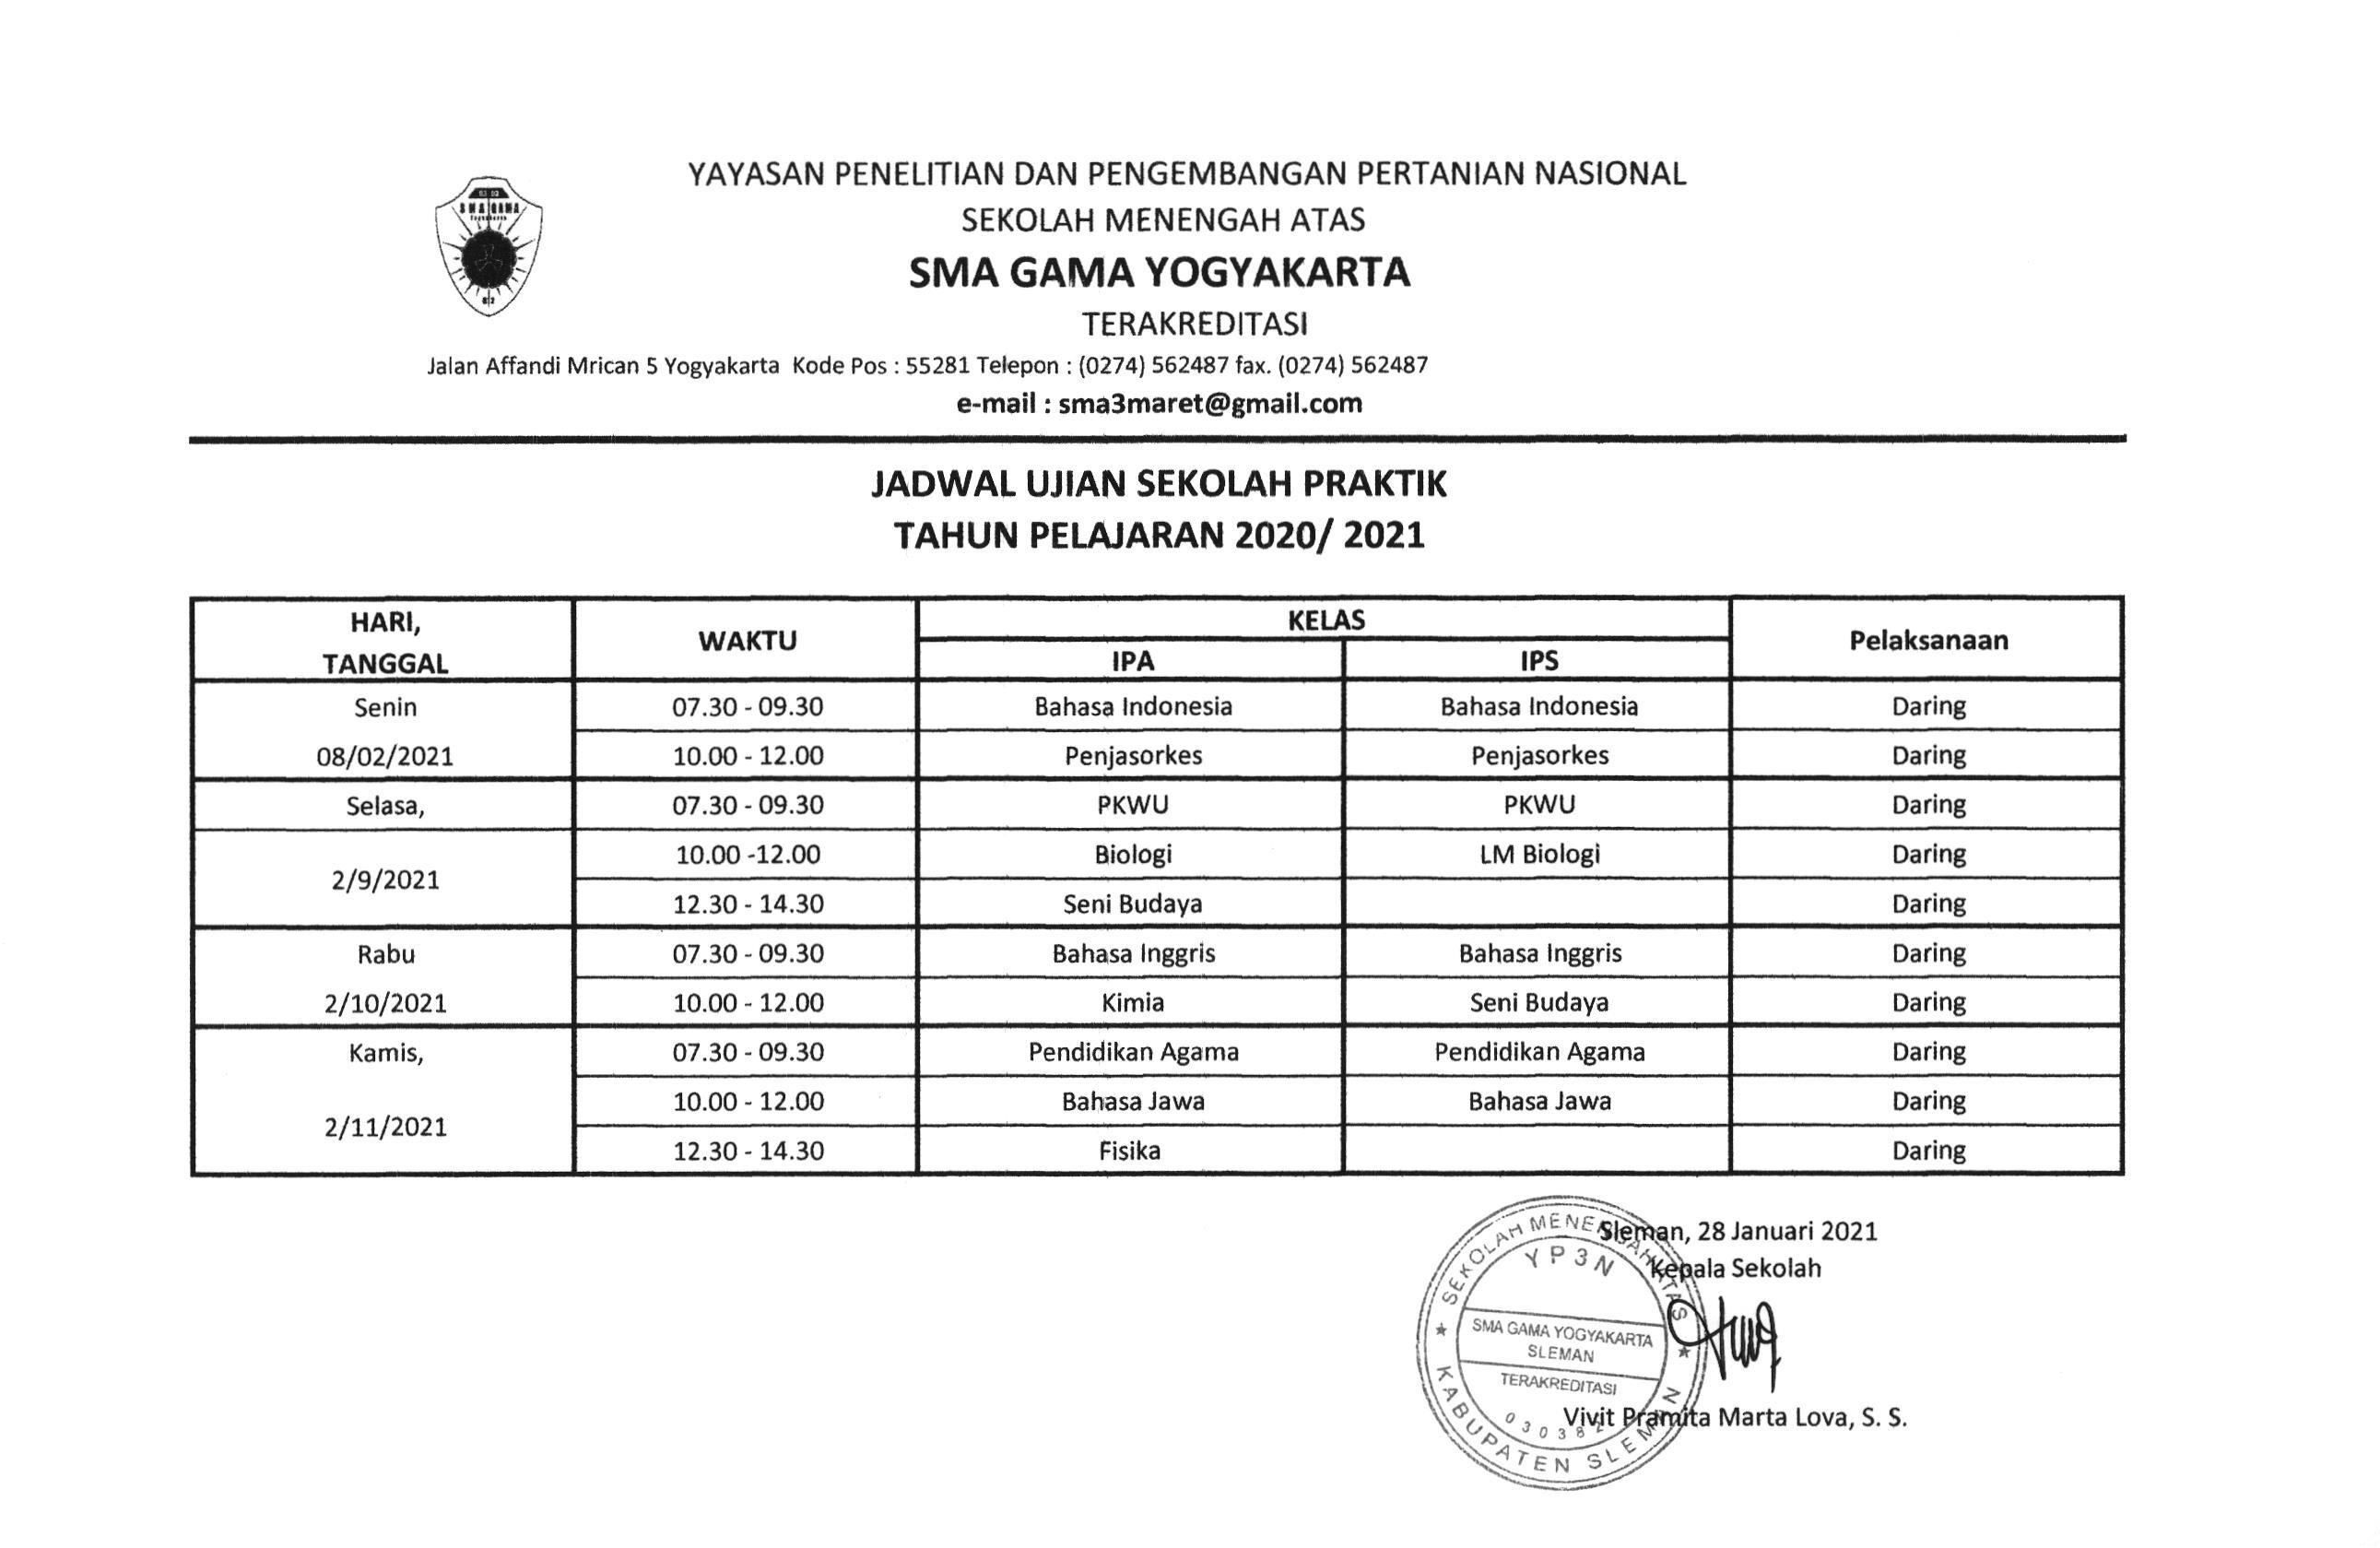 Jadwal Ujian Praktek Kelas XII tahun pelajaran 2020/2021